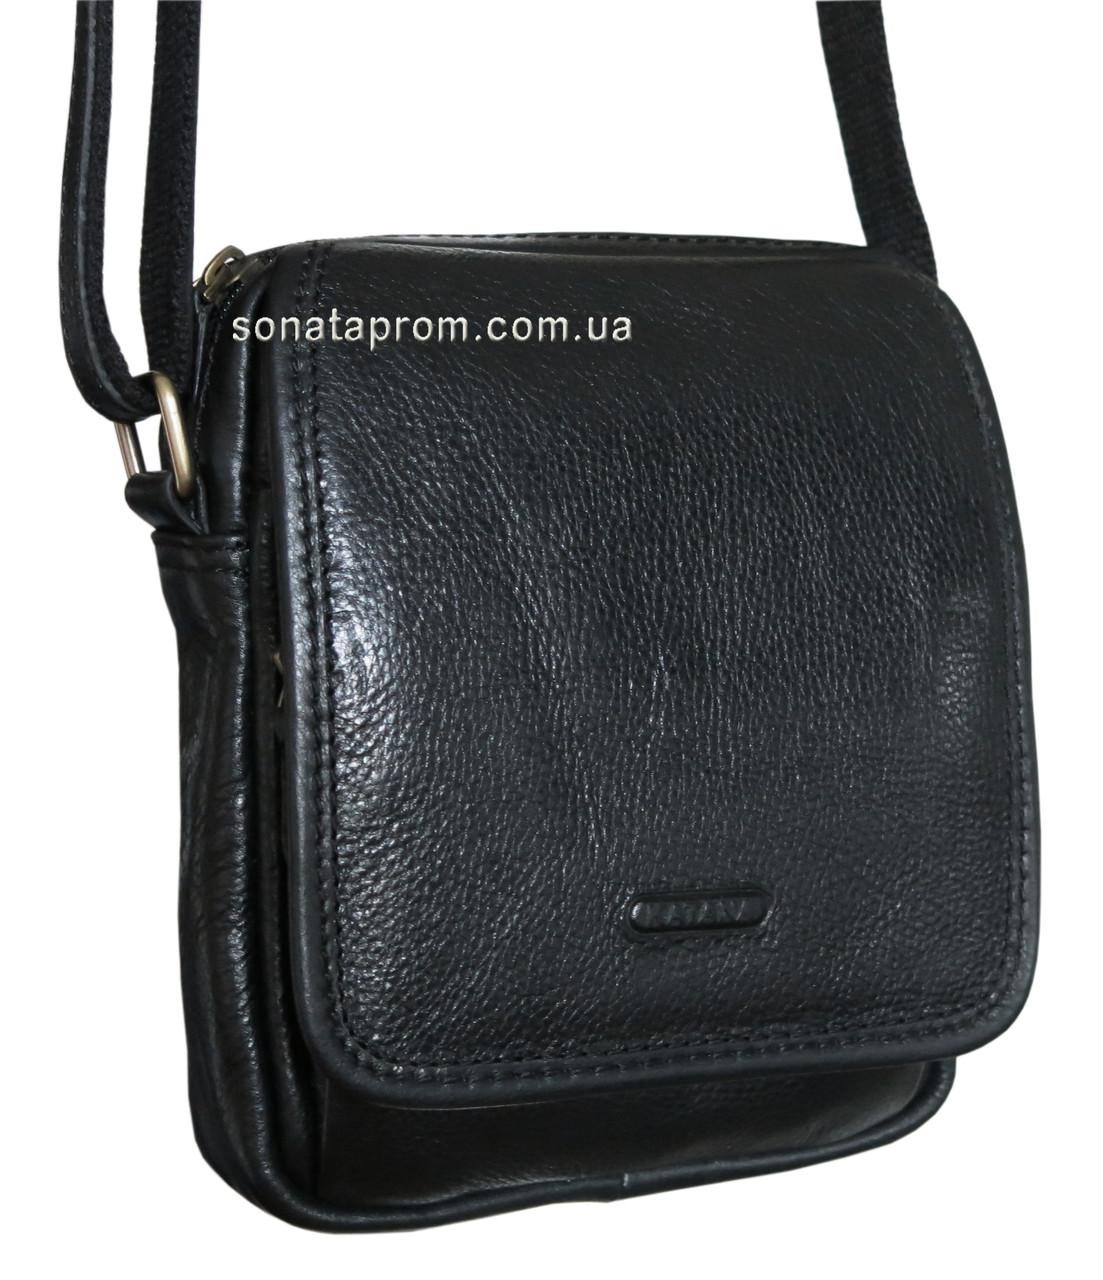 b2417a41b795 мужская кожаная сумка Katana купить по лучшей цене в киеве от